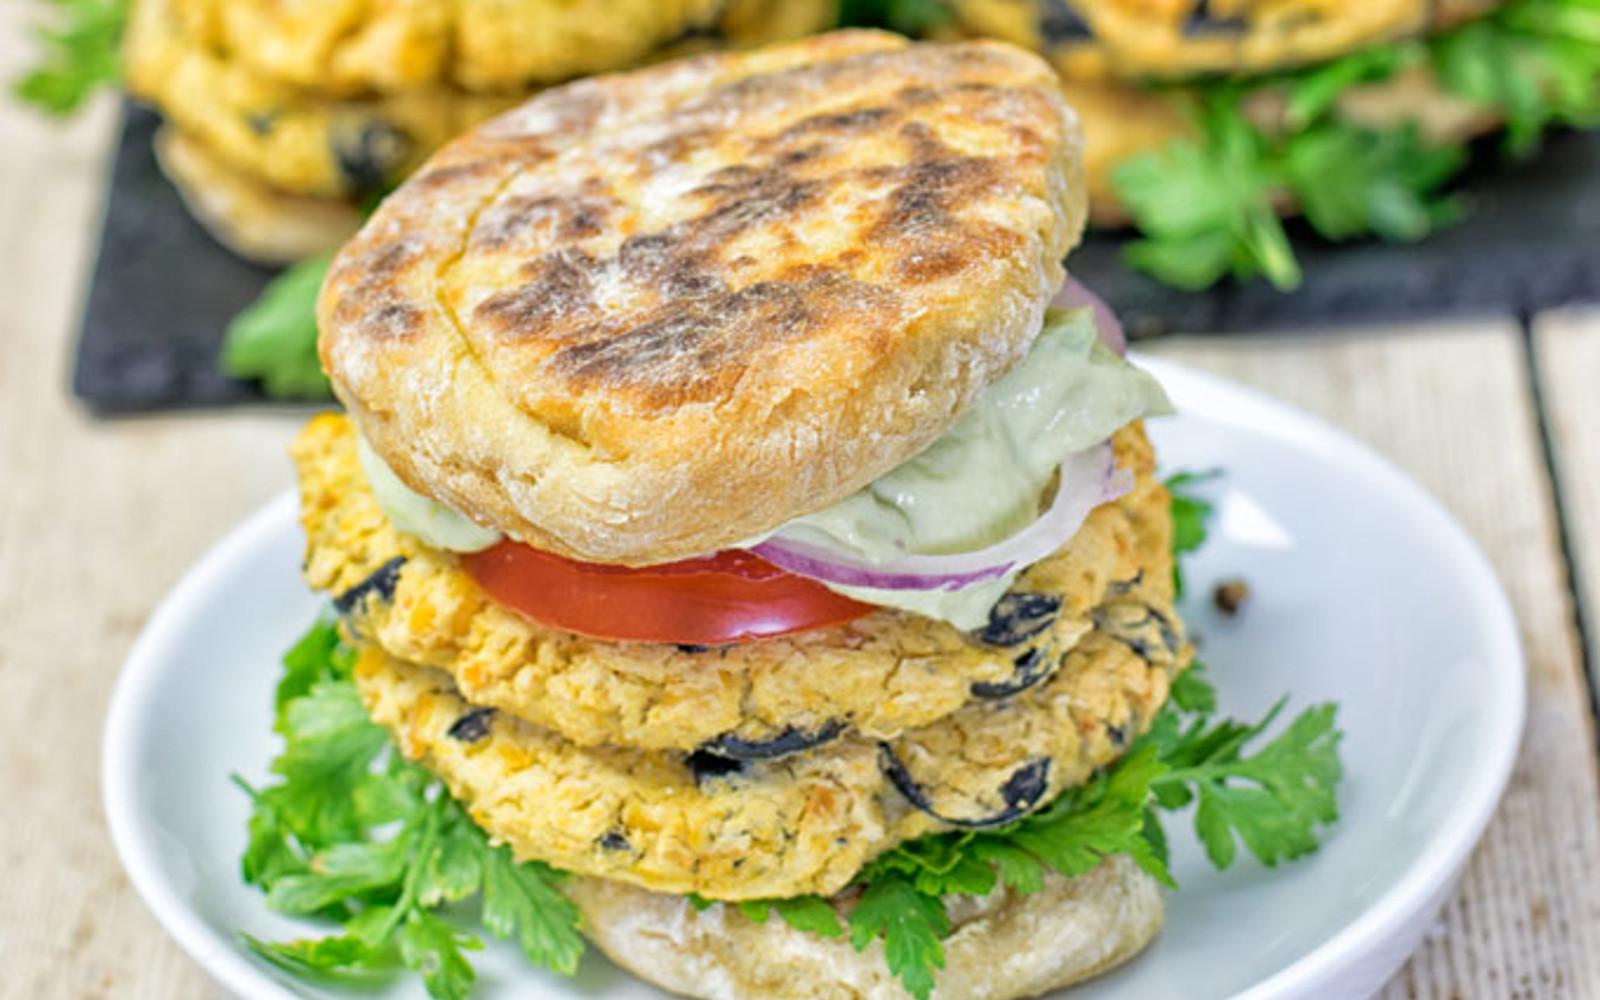 Mediterranean Burger 3